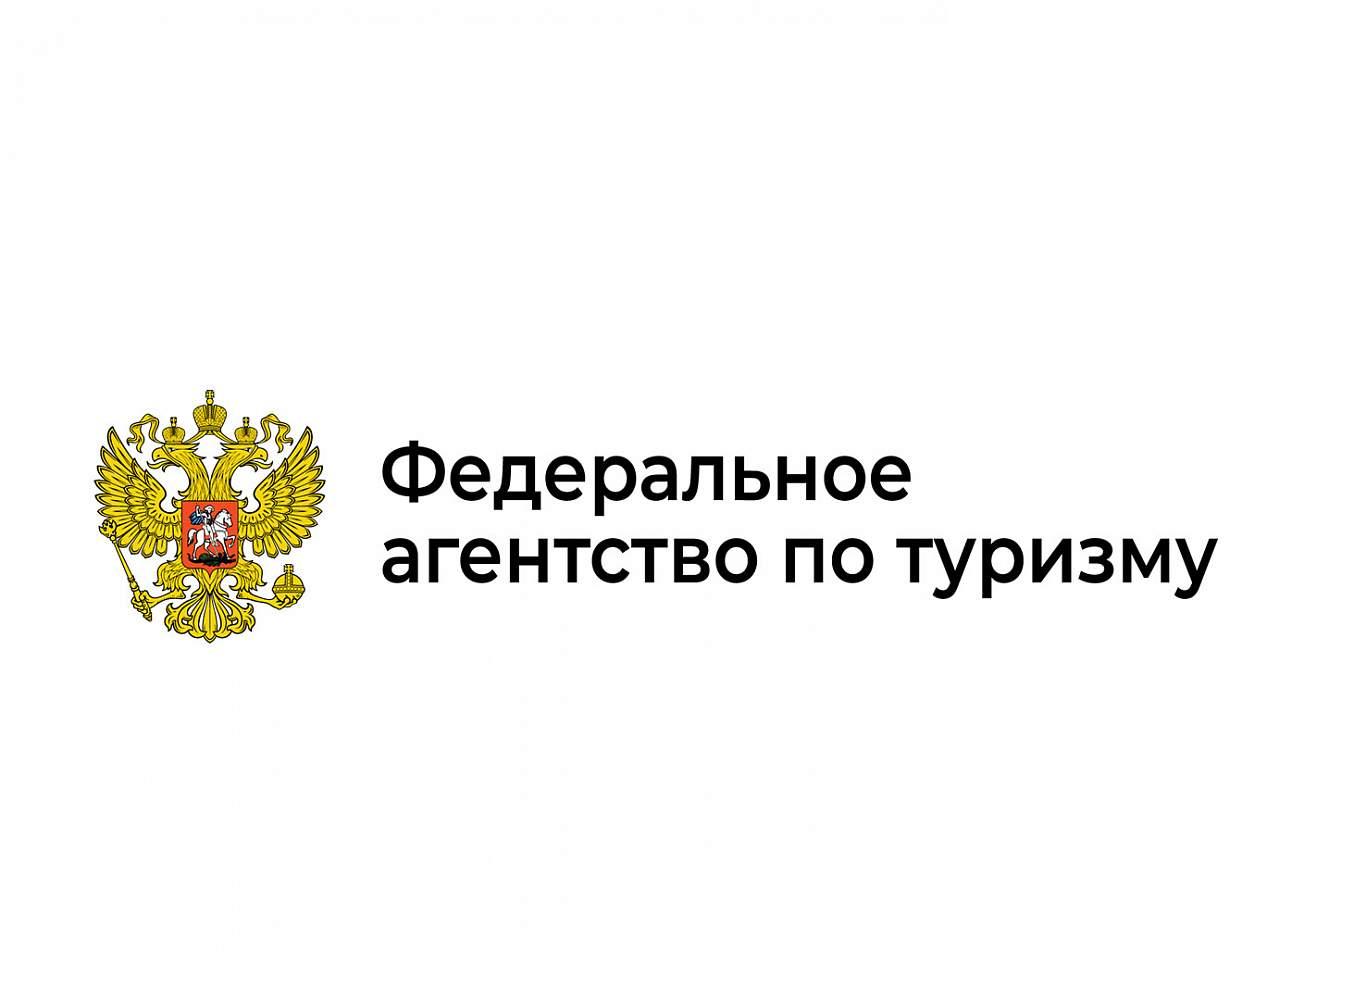 Куда полететь из РФ за границу май-июнь 2021 года туристам россиянам: последние свежие новости на сегодня